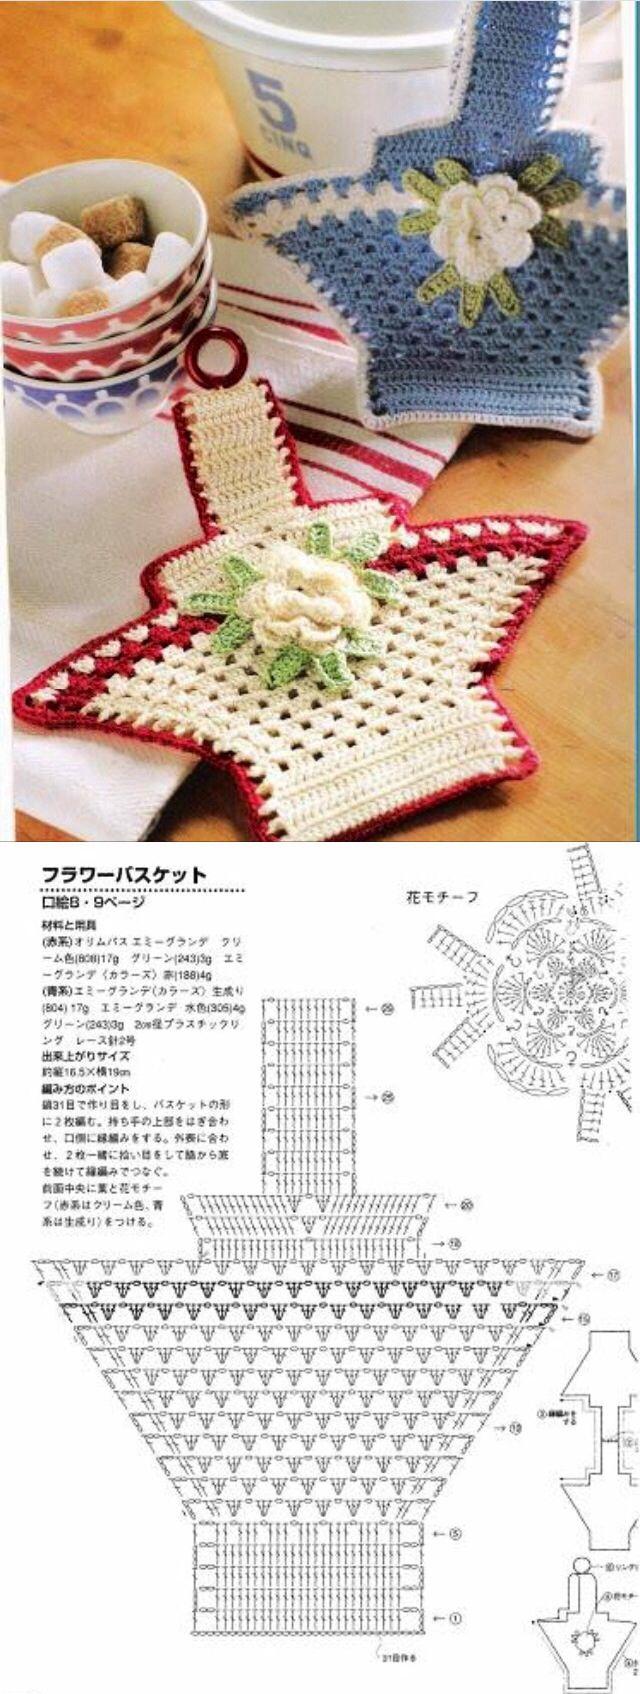 Vintage crochet kitchen basket potholder diagram pattern.